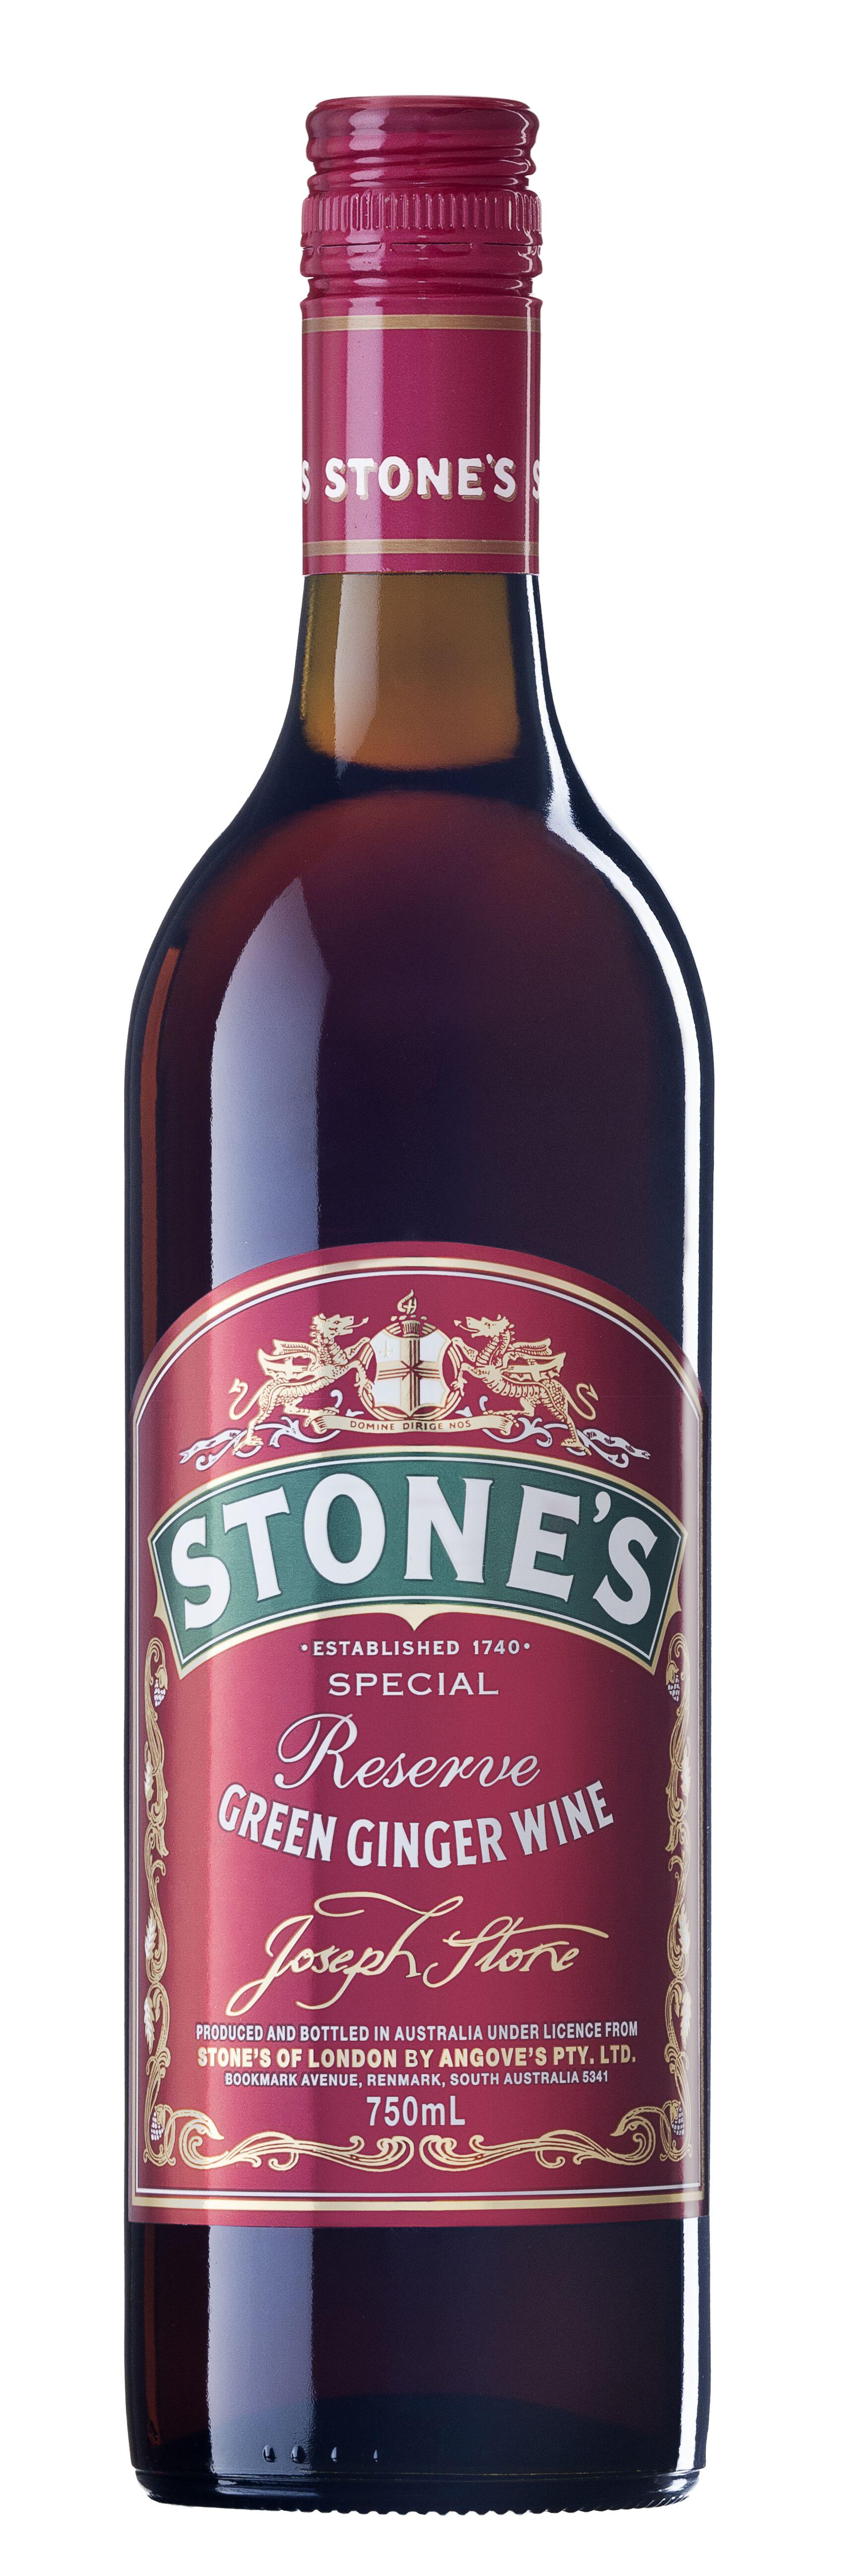 Stone's Reserve